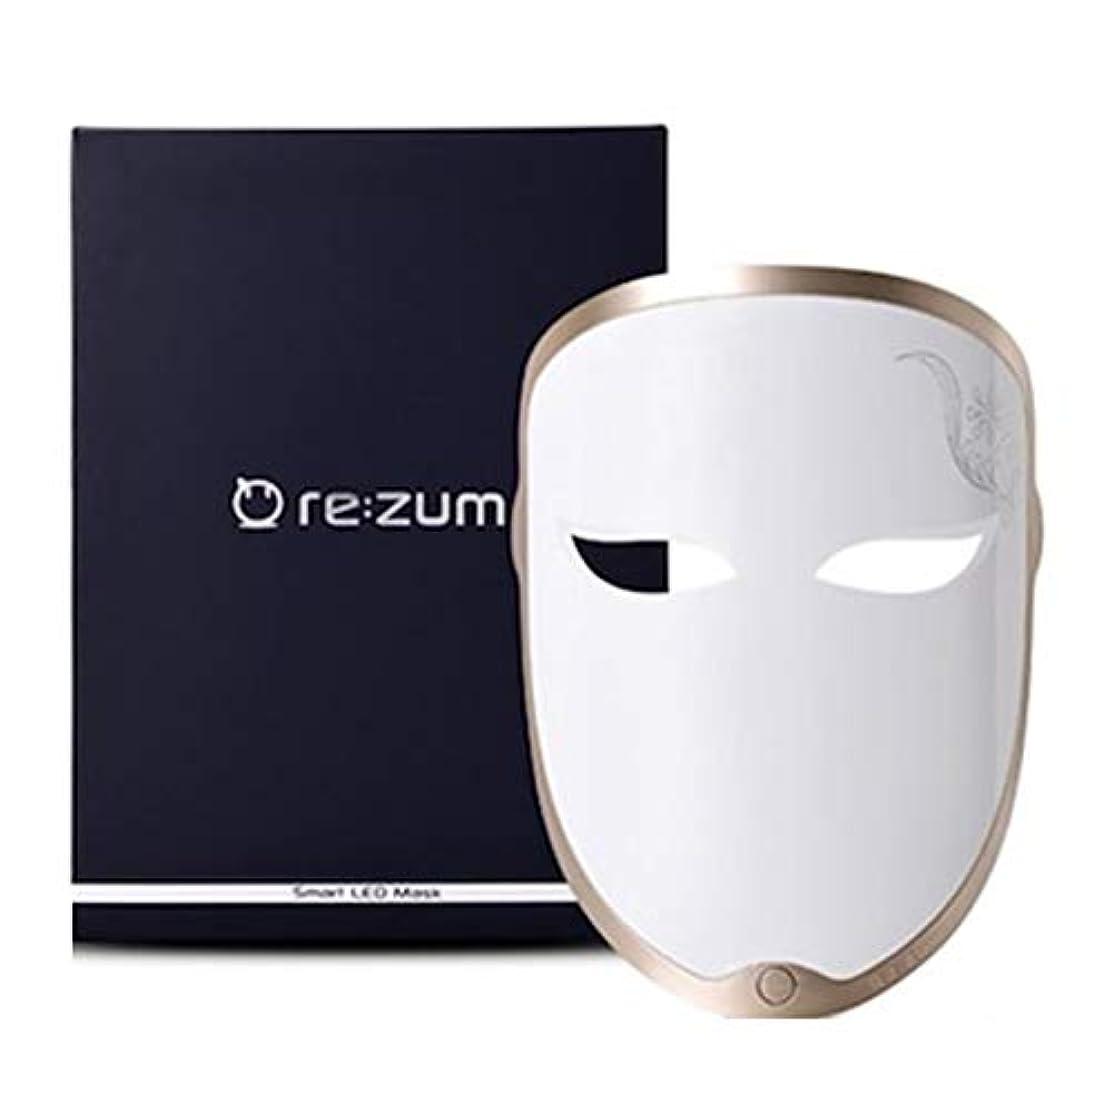 正確さペインティングプラカードREZUM LEDスマートレインボーマスクセルフスキンケア5波長モードホームケア美容機器 USB充電 LED Smart Rainbow Led Mask Self Skin Care 5 Wave Length Mode...